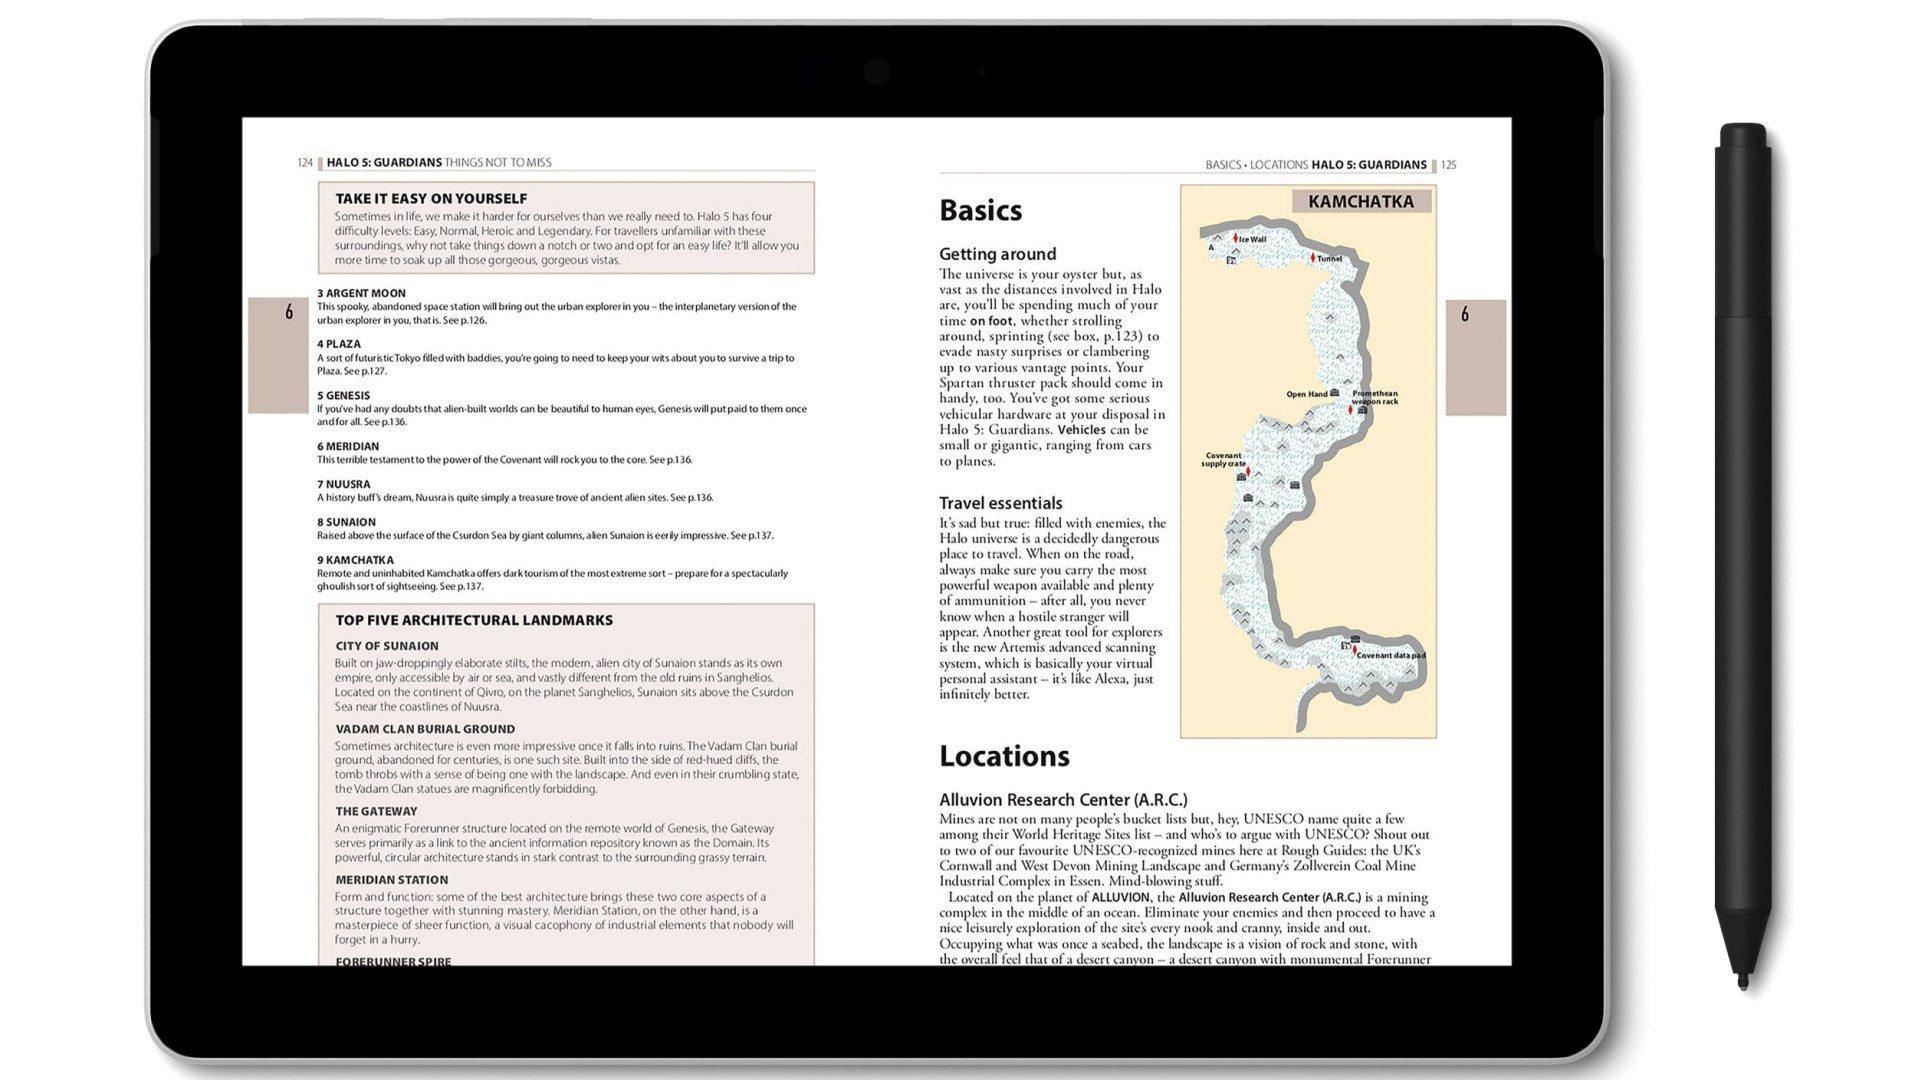 Aproveite ao máximo seu tempo em casa com o e-book gratuito: o guia geral para o Xbox